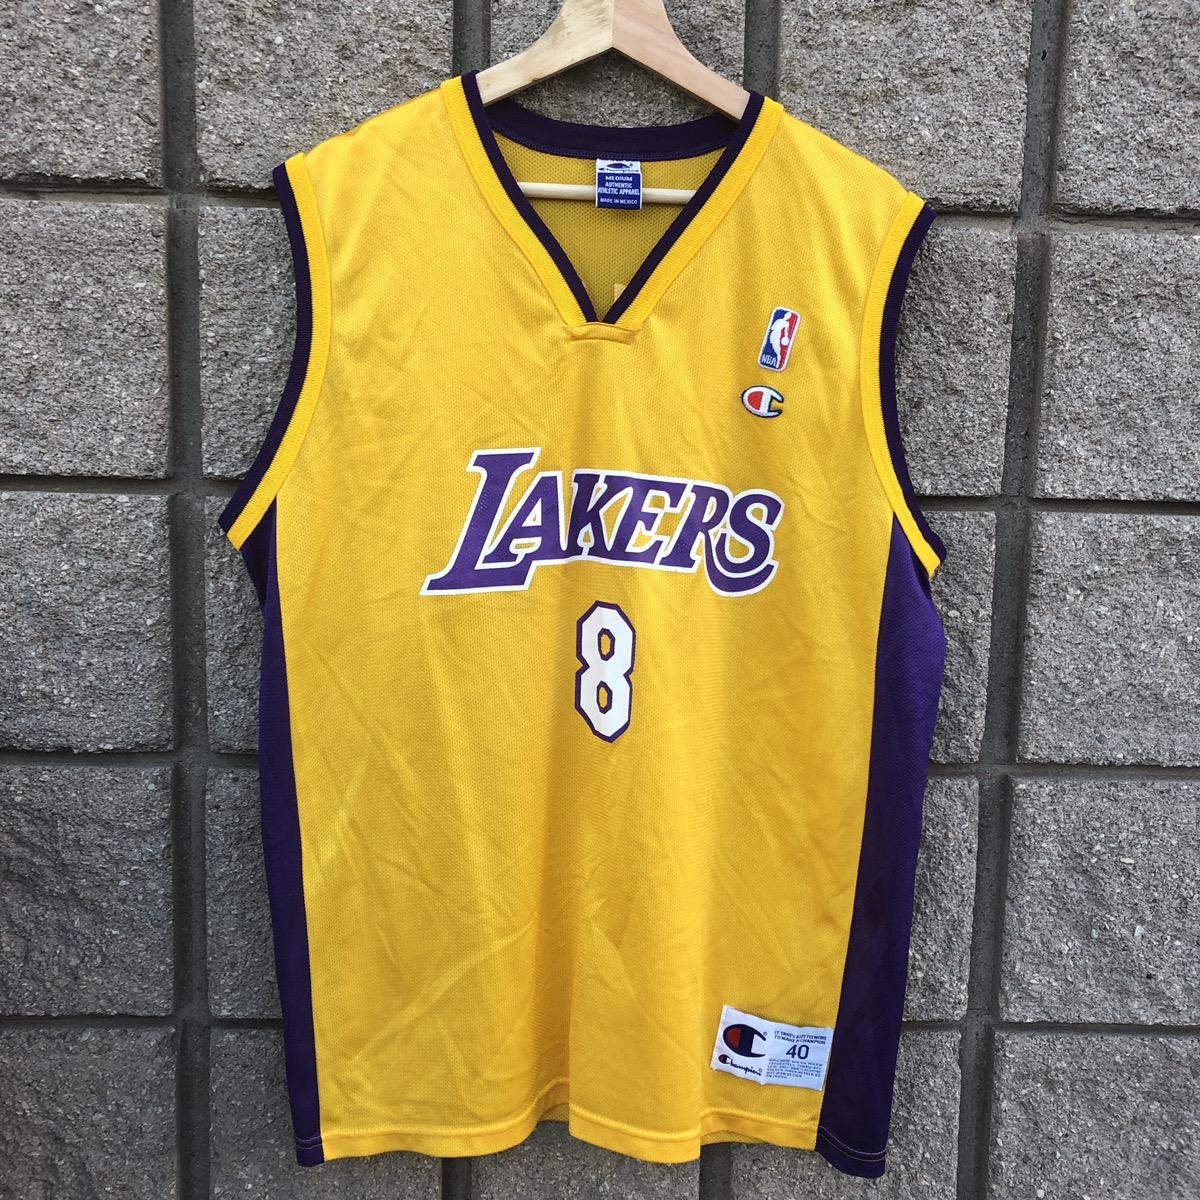 f1de166c5 Vintage × Champion × L.A. Lakers ×. Vintage Champion NBA LA Lakers Kobe  Bryant #8 Jersey